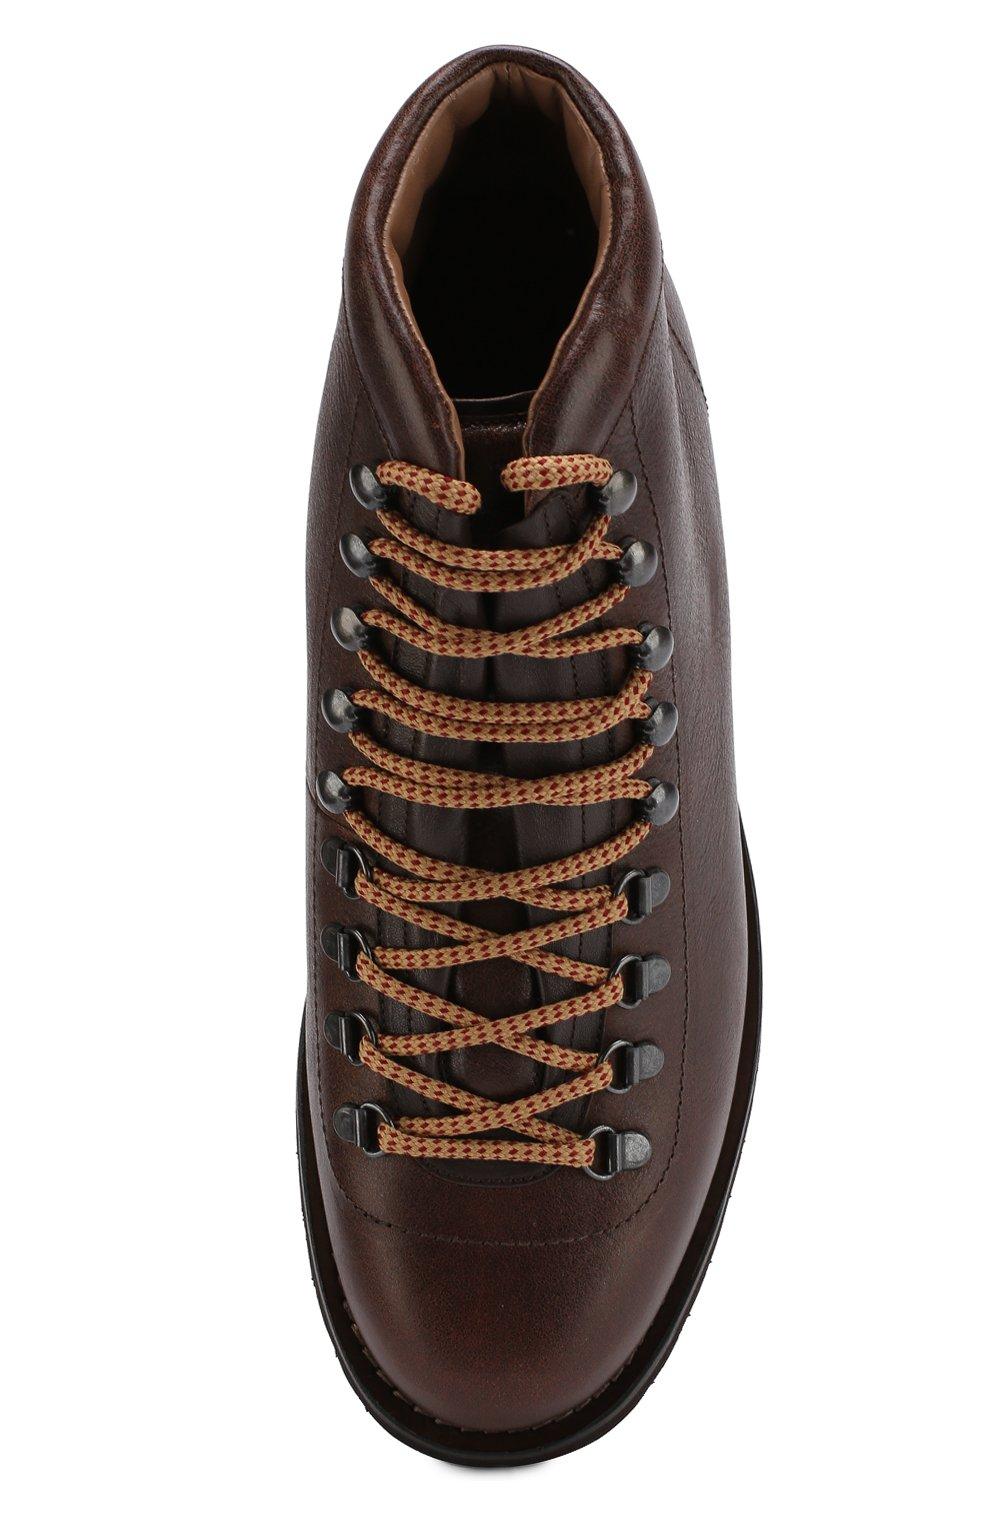 Мужские высокие кожаные ботинки на шнуровке BRUNELLO CUCINELLI коричневого цвета, арт. MZUKABH920 | Фото 5 (Мужское Кросс-КТ: Хайкеры-обувь, Ботинки-обувь; Статус проверки: Проверено, Проверена категория; Подошва: Плоская)